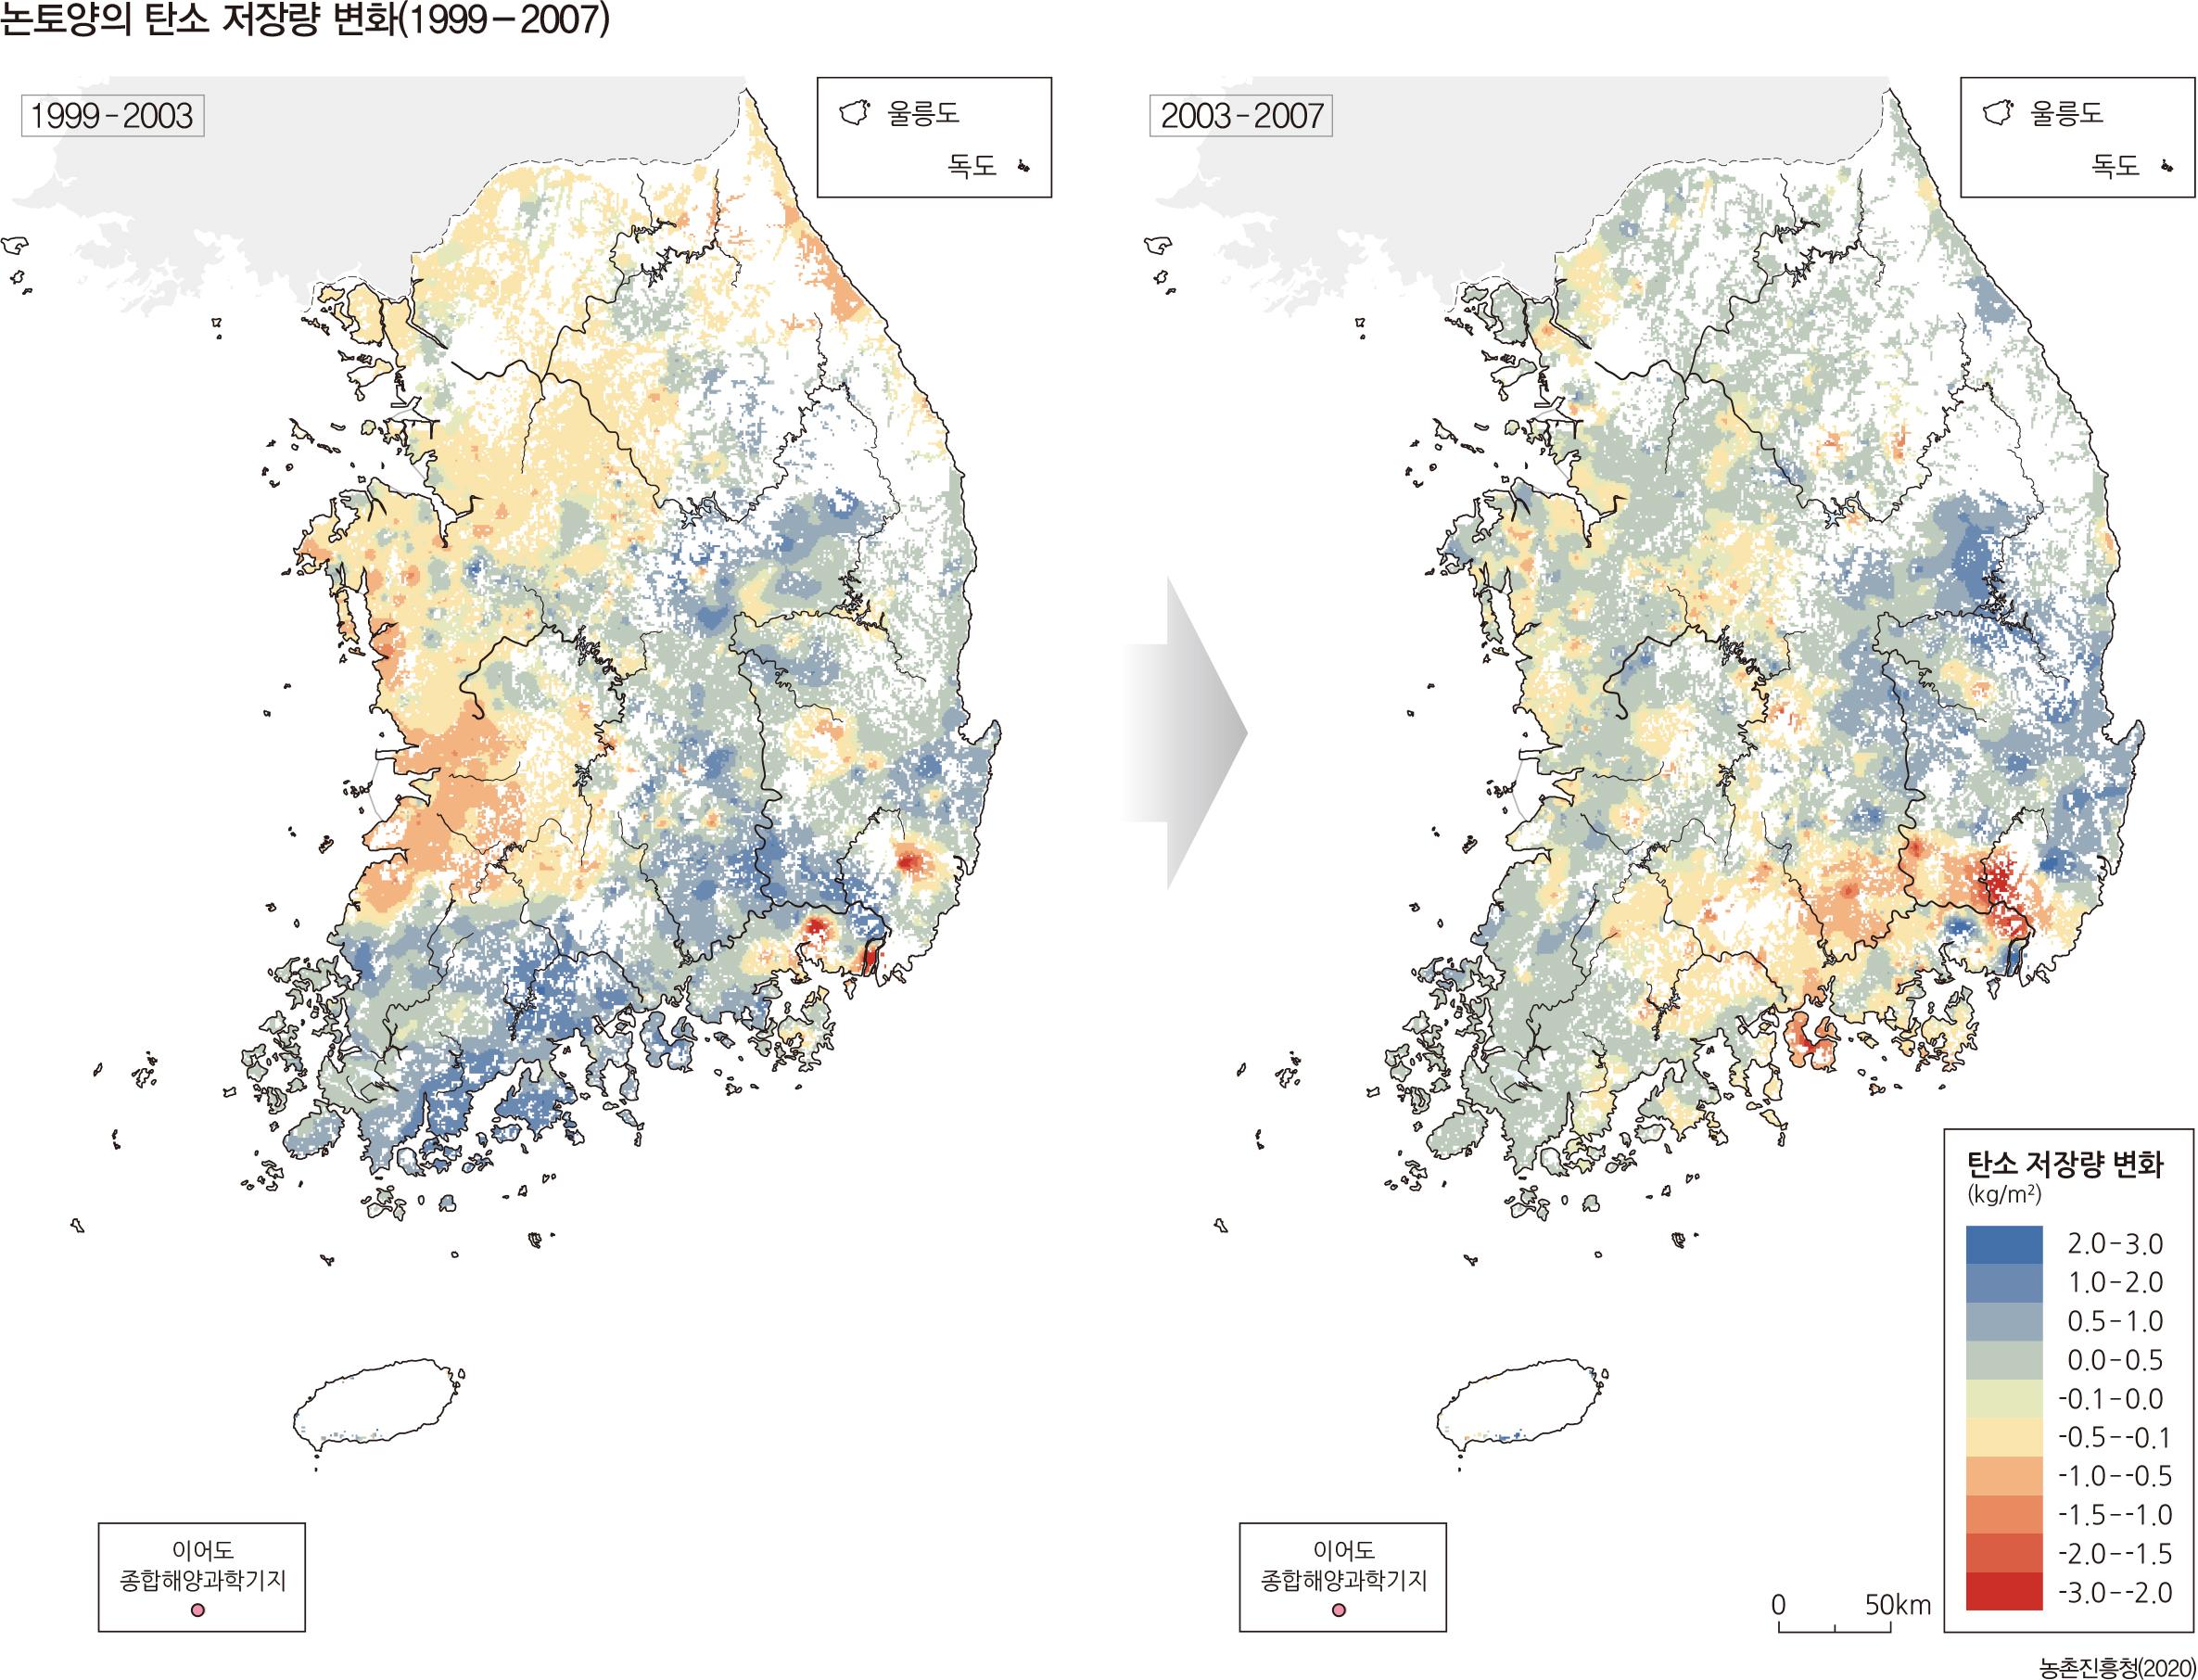 논토양의 탄소 저장량 변화(1999 - 2007)